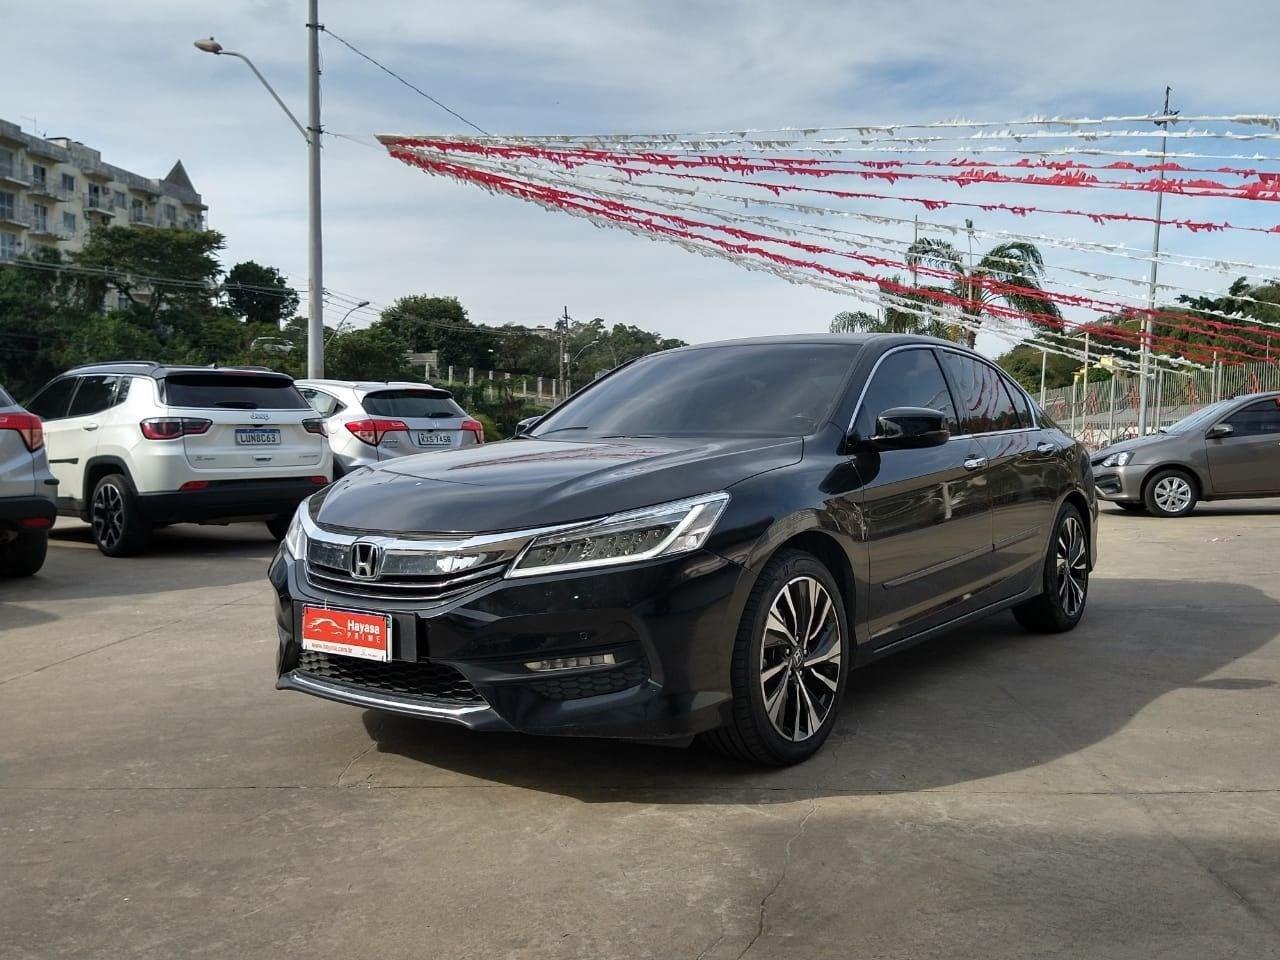 //www.autoline.com.br/carro/honda/accord-35-v6-ex-24v-gasolina-4p-automatico/2016/niteroi-rj/15168951